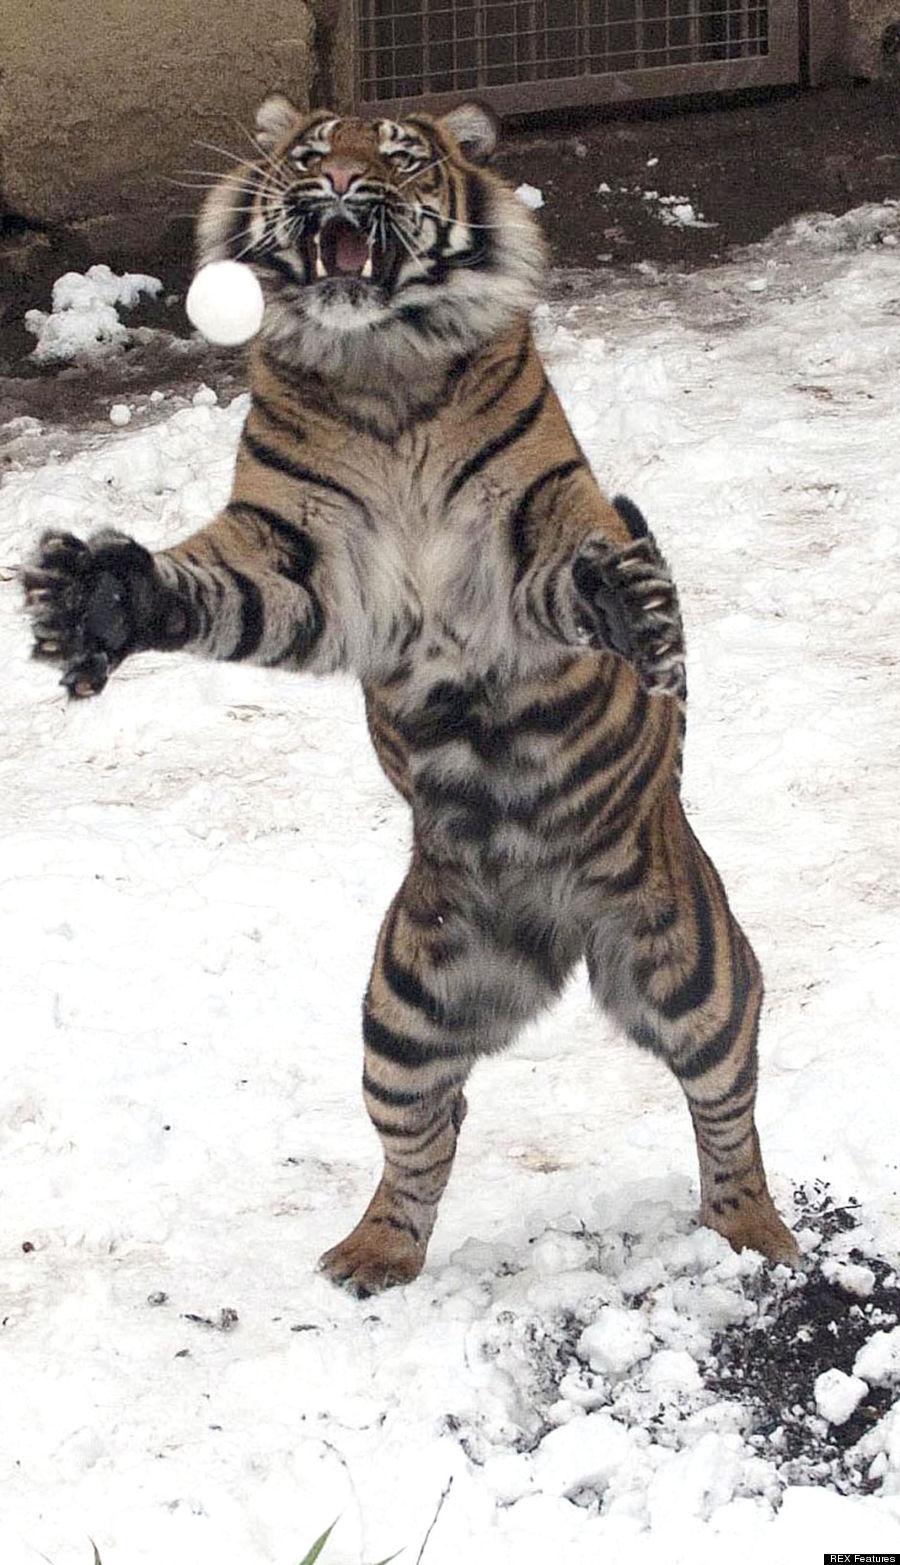 Tigre Jugando Con La Nieve